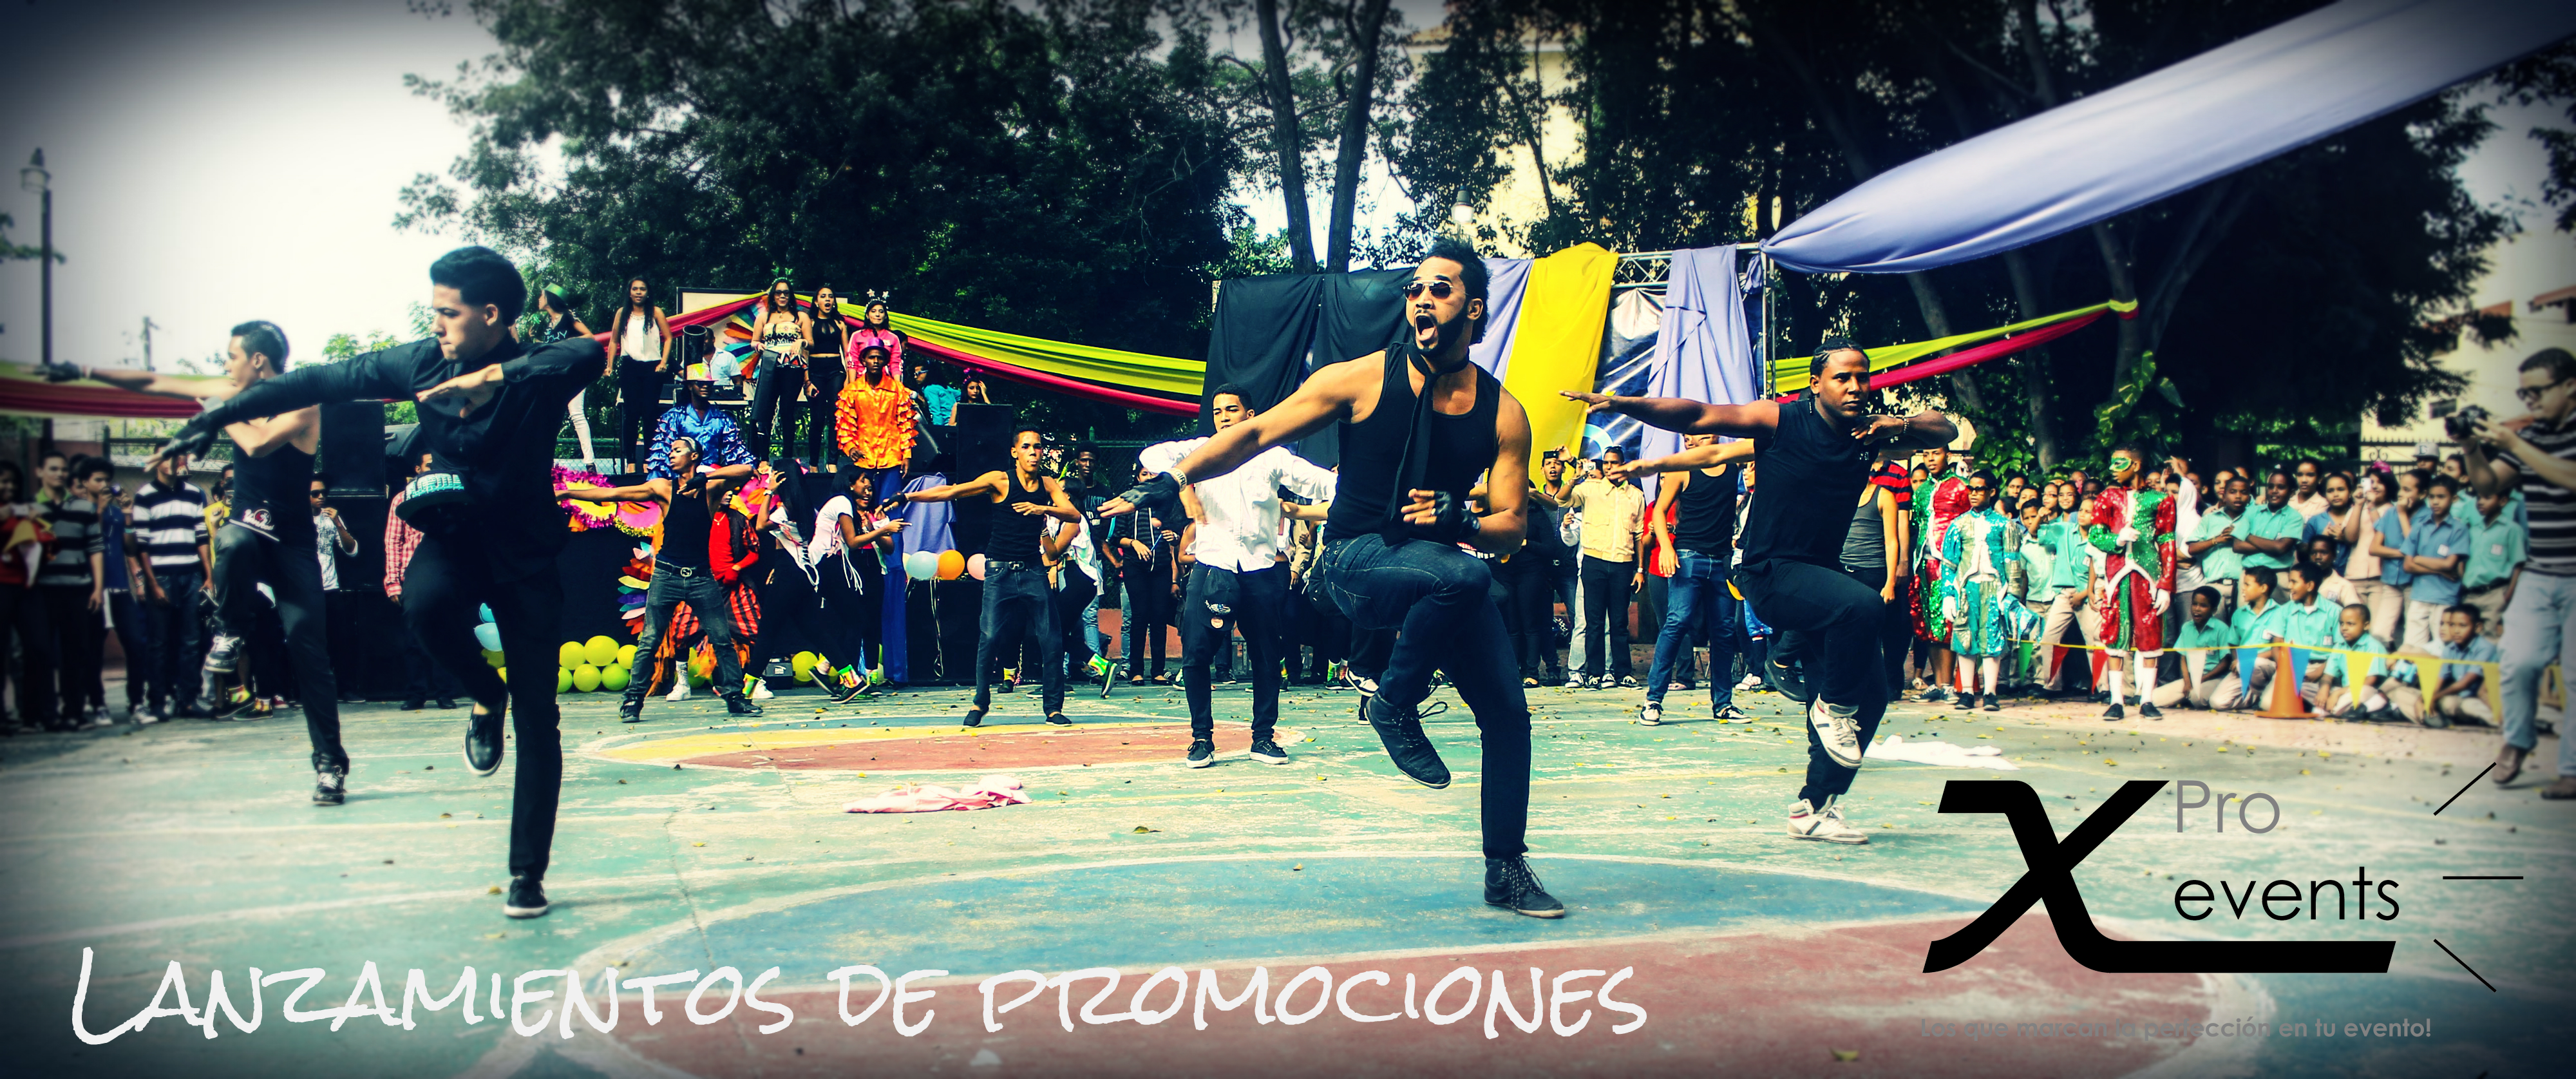 X Pro events  - 809-846-3784 - Trabajamos con las mejores promociones del pais.j